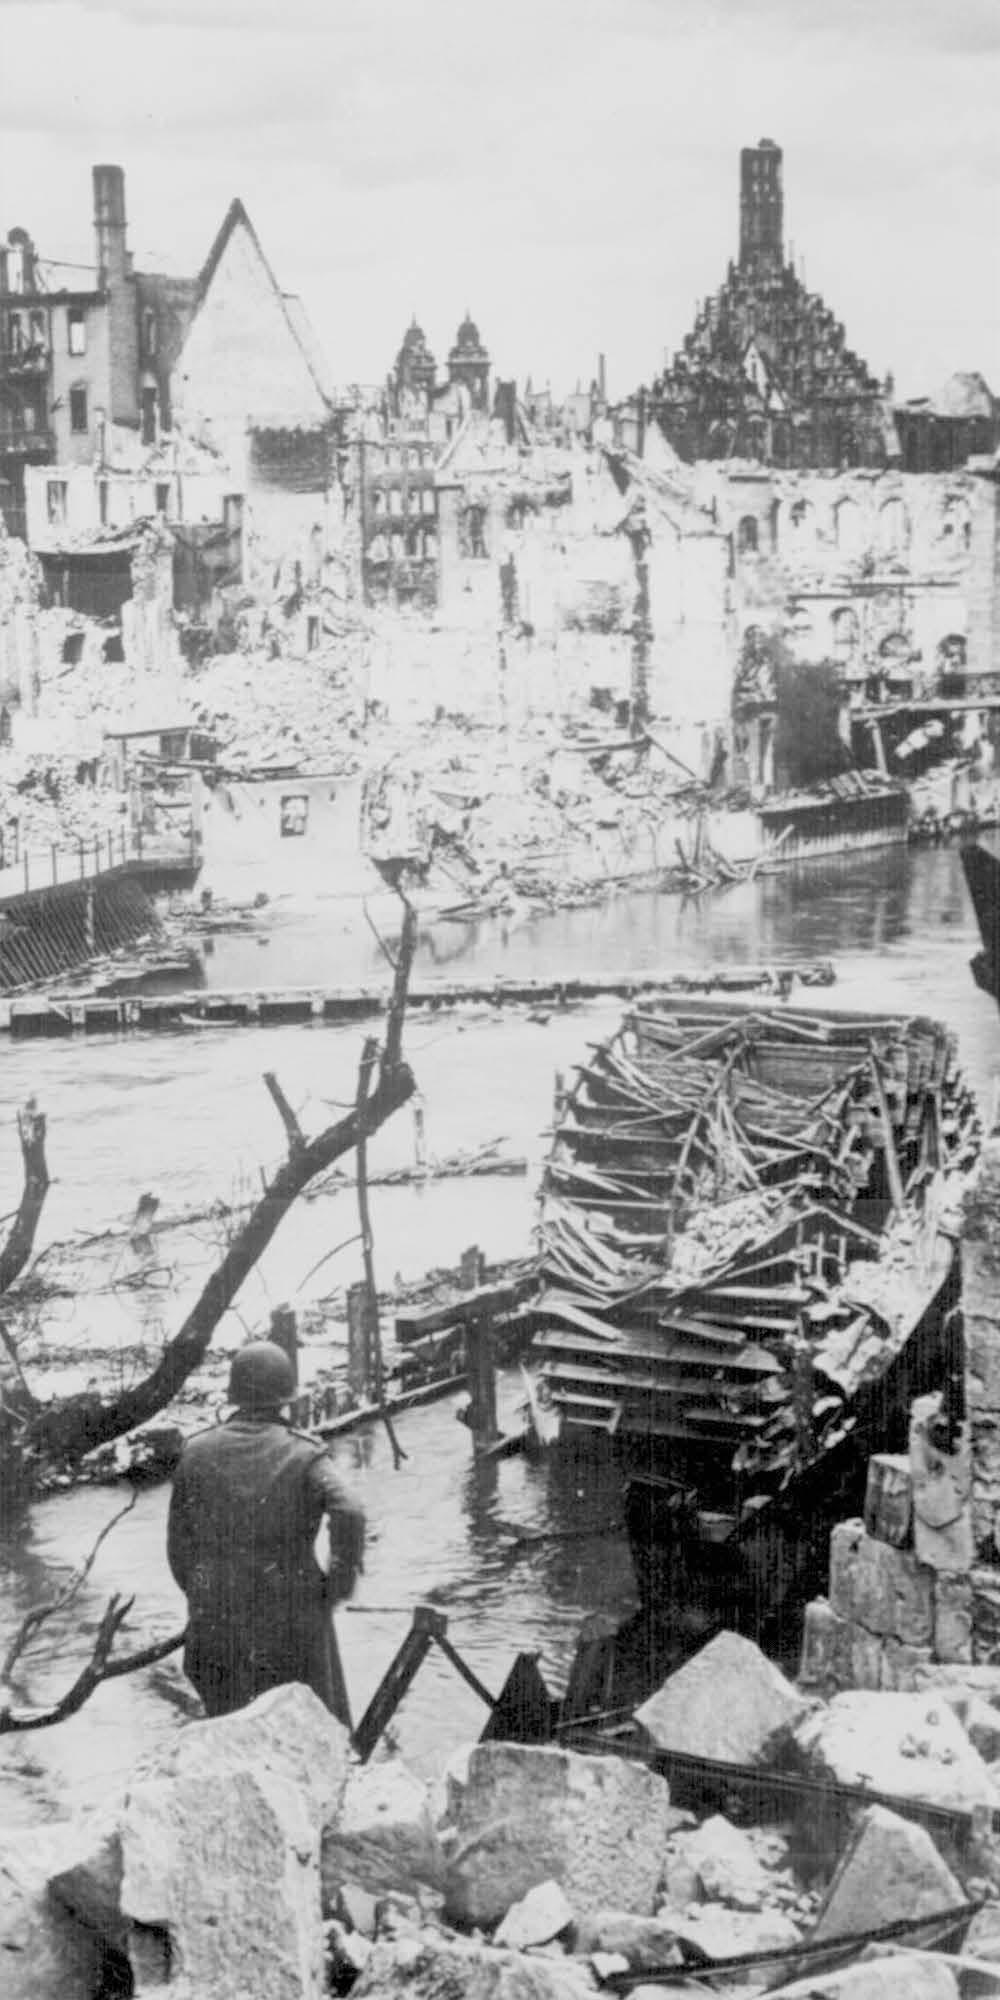 WWIIBombedWaterIntake-3x6-halftone.jpg